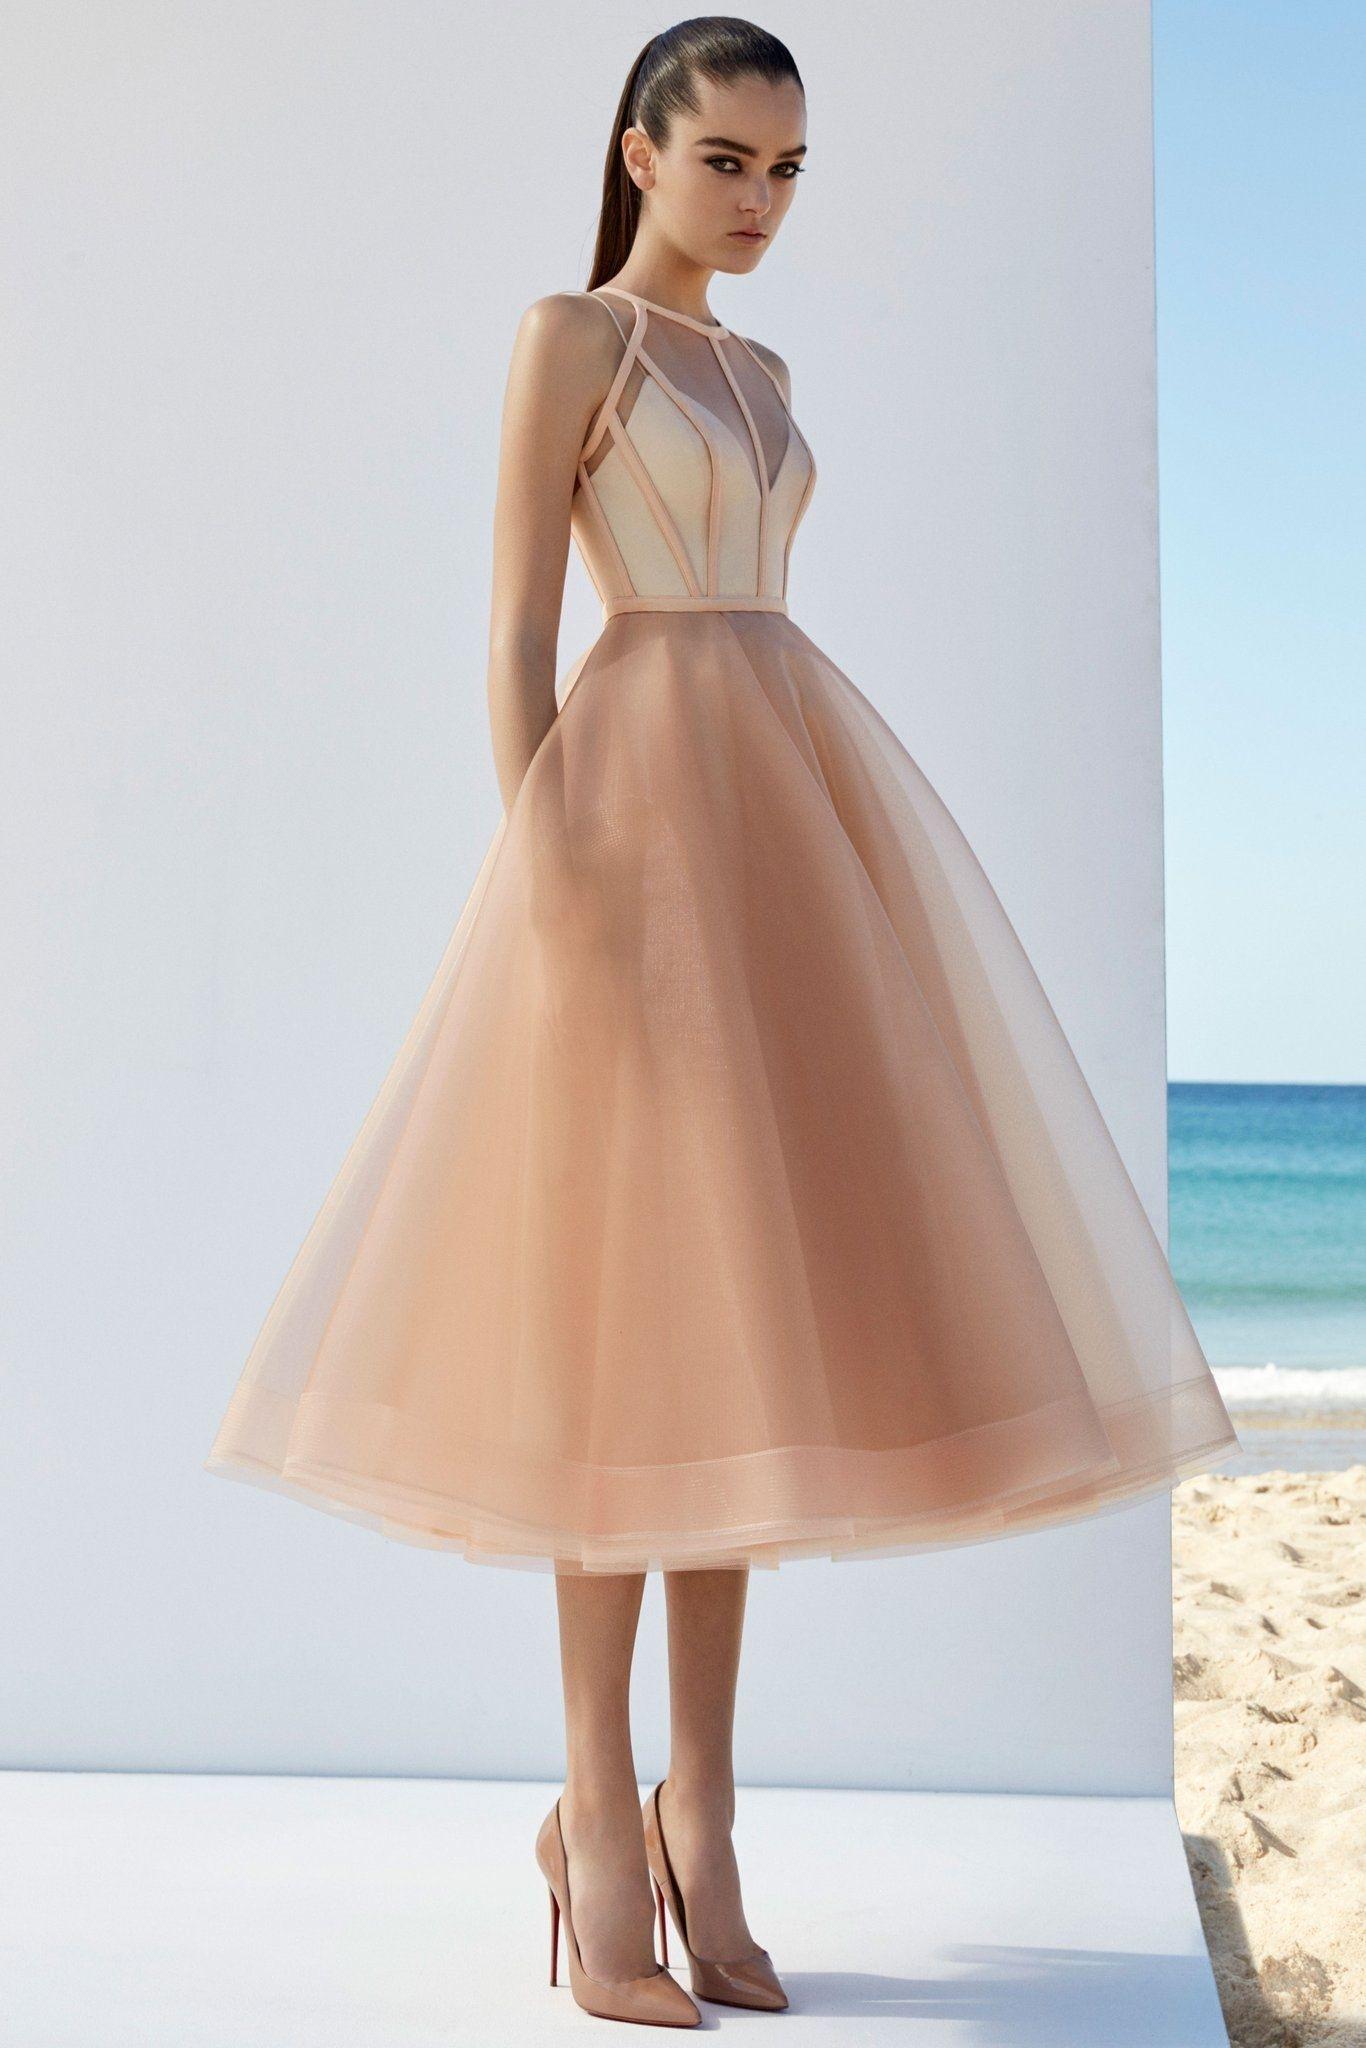 10 Cool Hübsche Kleider Galerie17 Genial Hübsche Kleider für 2019